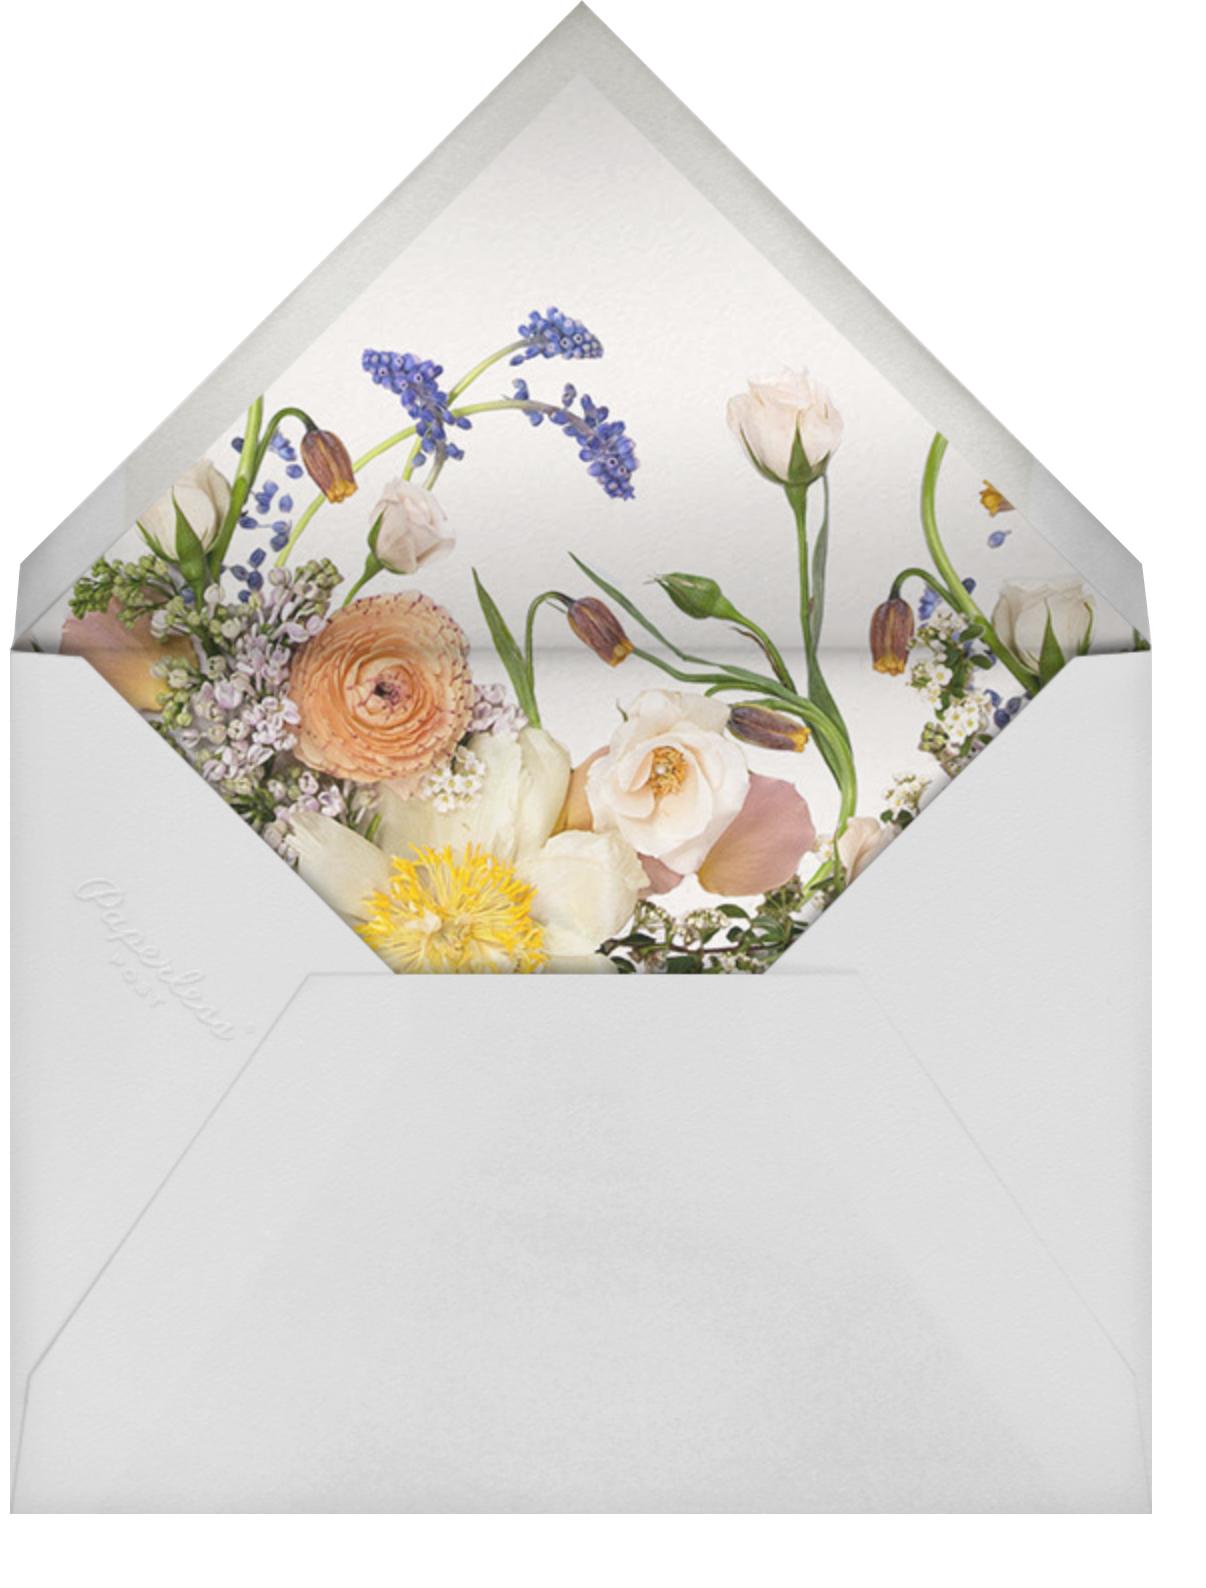 Ventôse - Putnam & Putnam - Bridal shower - envelope back